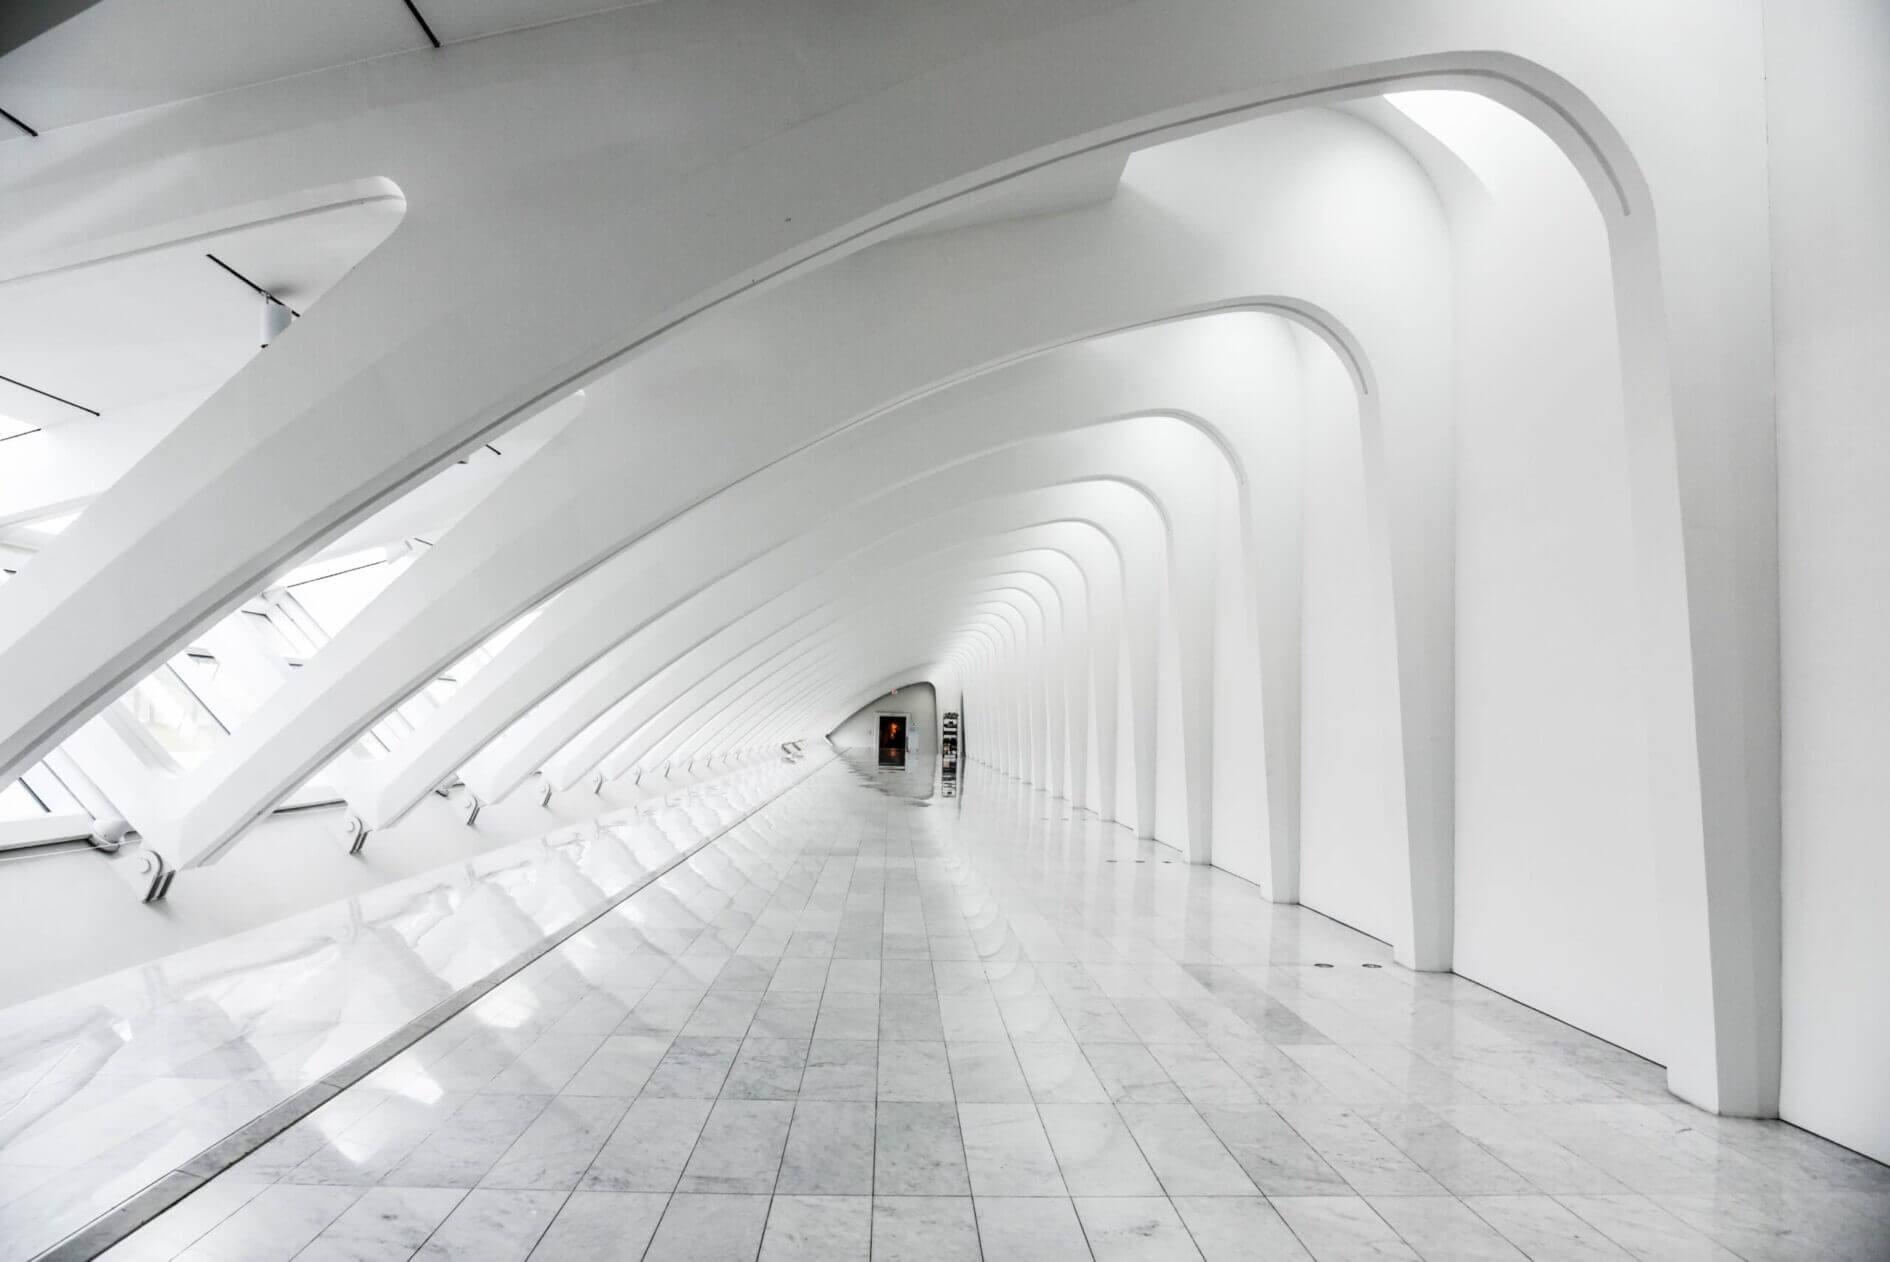 บริษัทออกแบบภายใน บริษัทไทย รับวางผัง ตัวอย่างงานก่อสร้าง งานออกแบบสถาปัตยกรรม